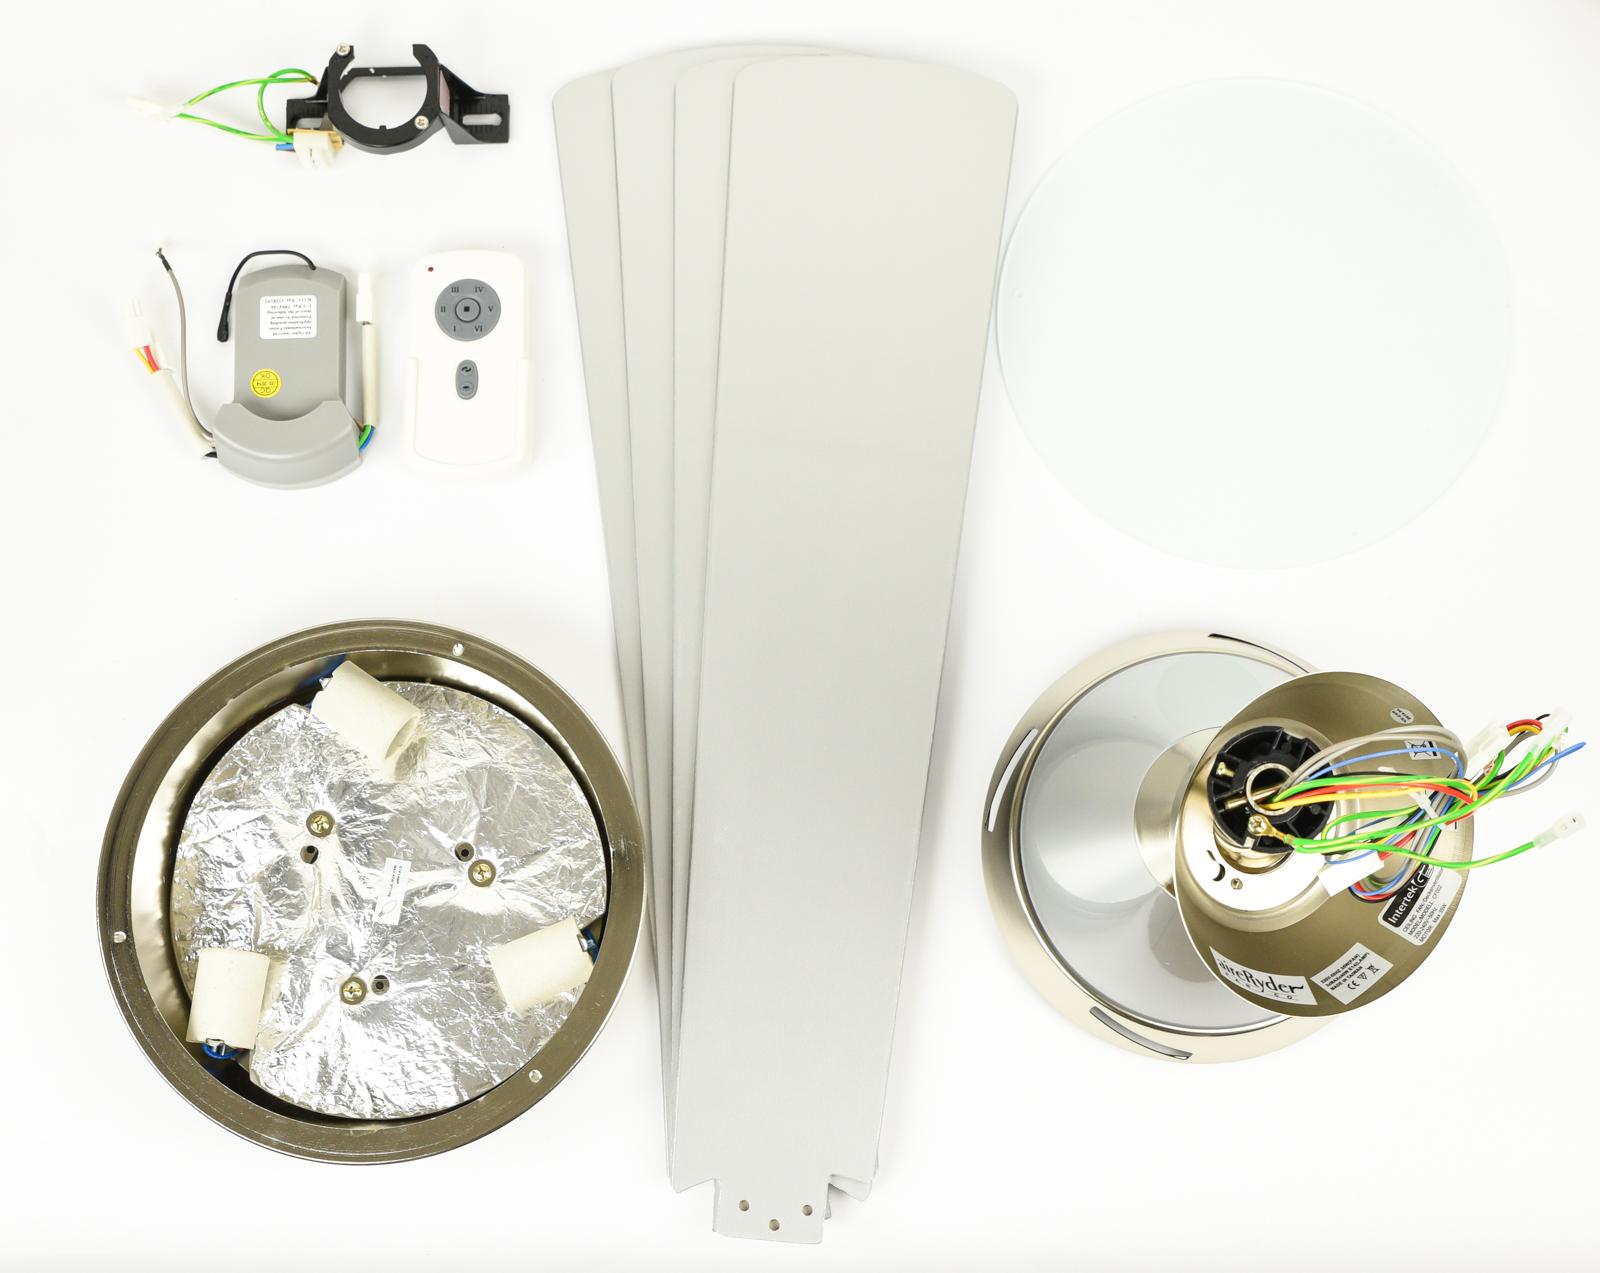 Energiespar-Deckenventilator-Cosmo-1 Elegantes Deckenventilator Mit Fernbedienung Und Beleuchtung Dekorationen